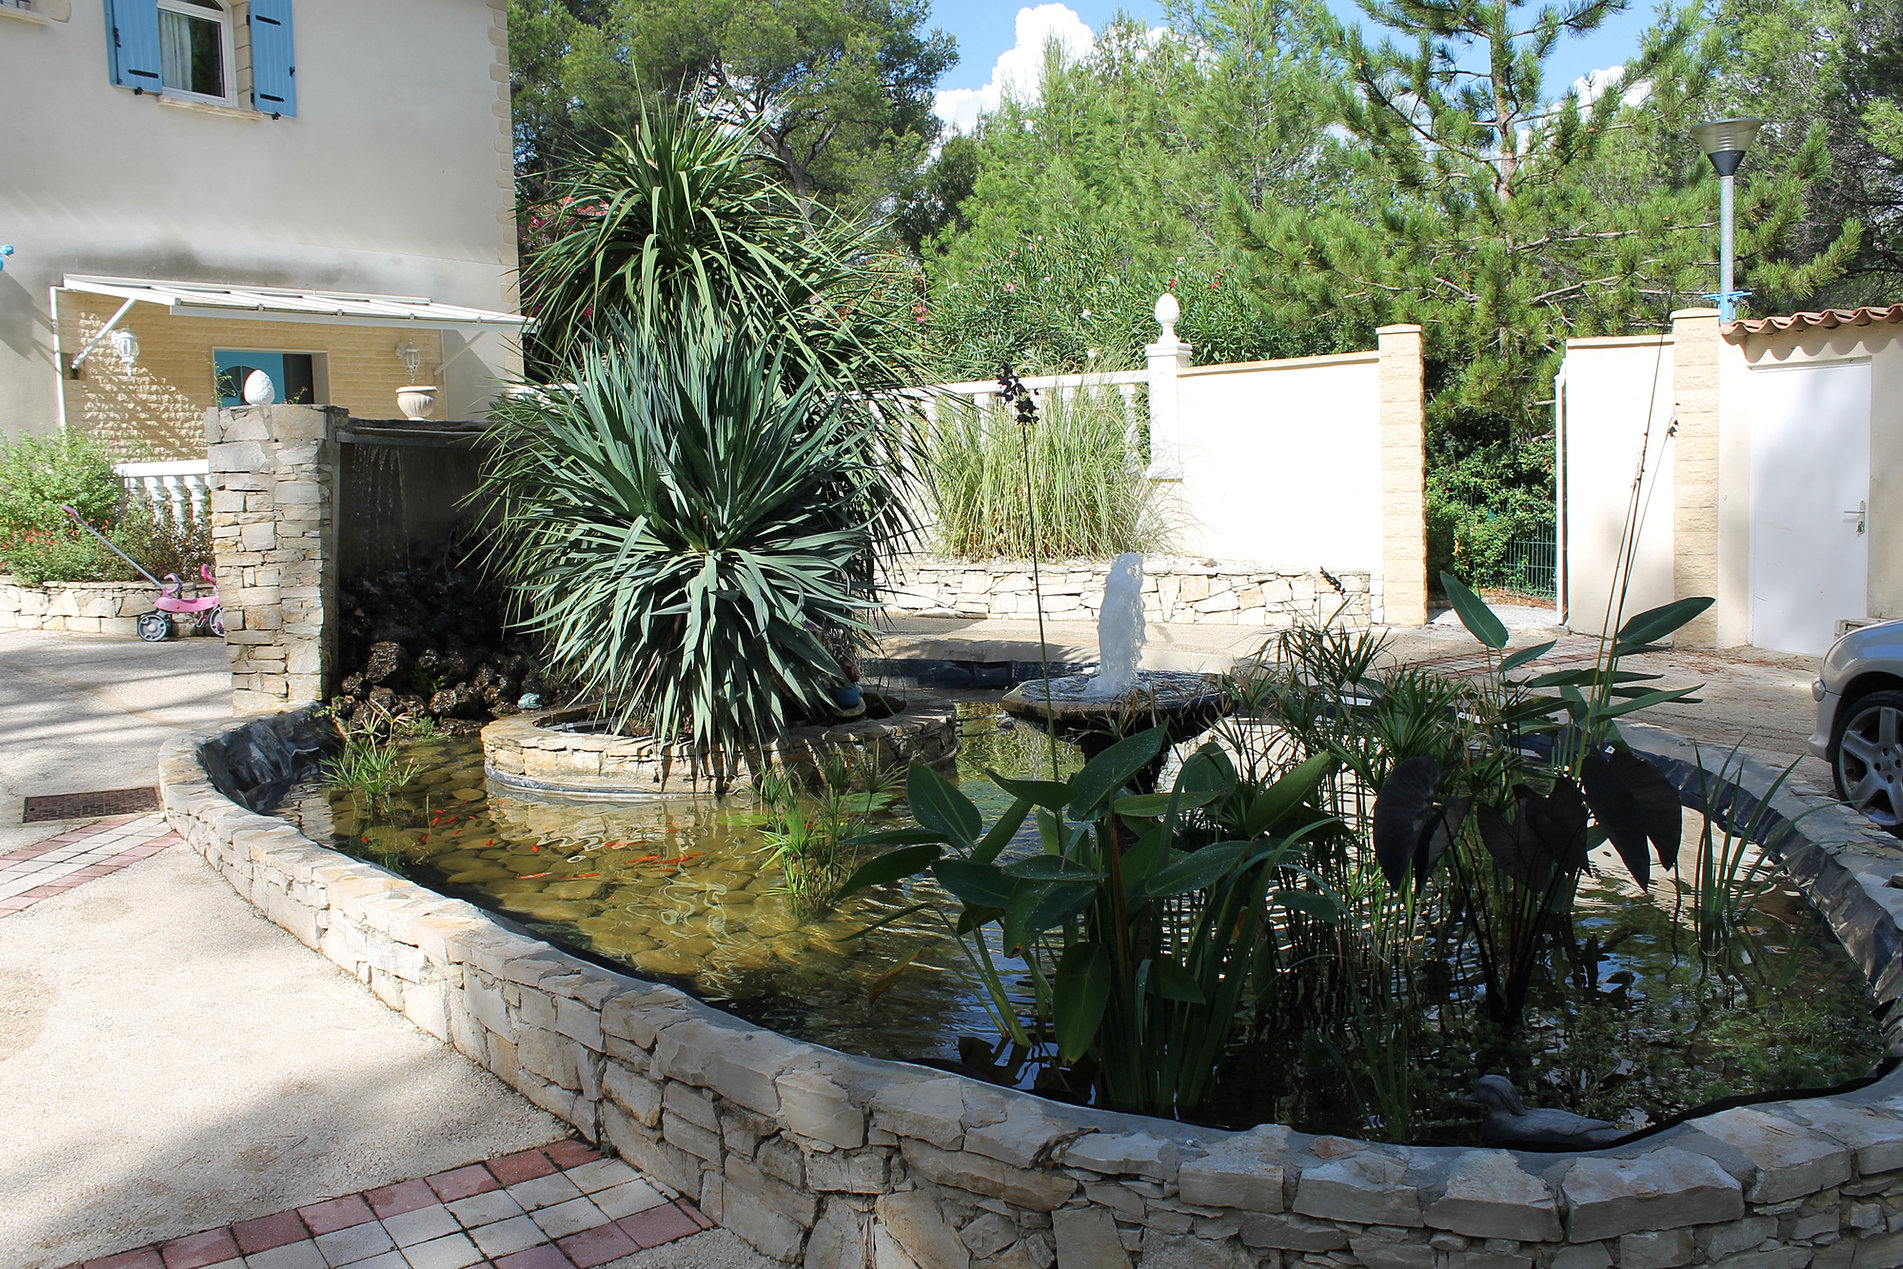 Cr ation de bassin paca green lagoon - Plantes bassin de lagunage aixen provence ...